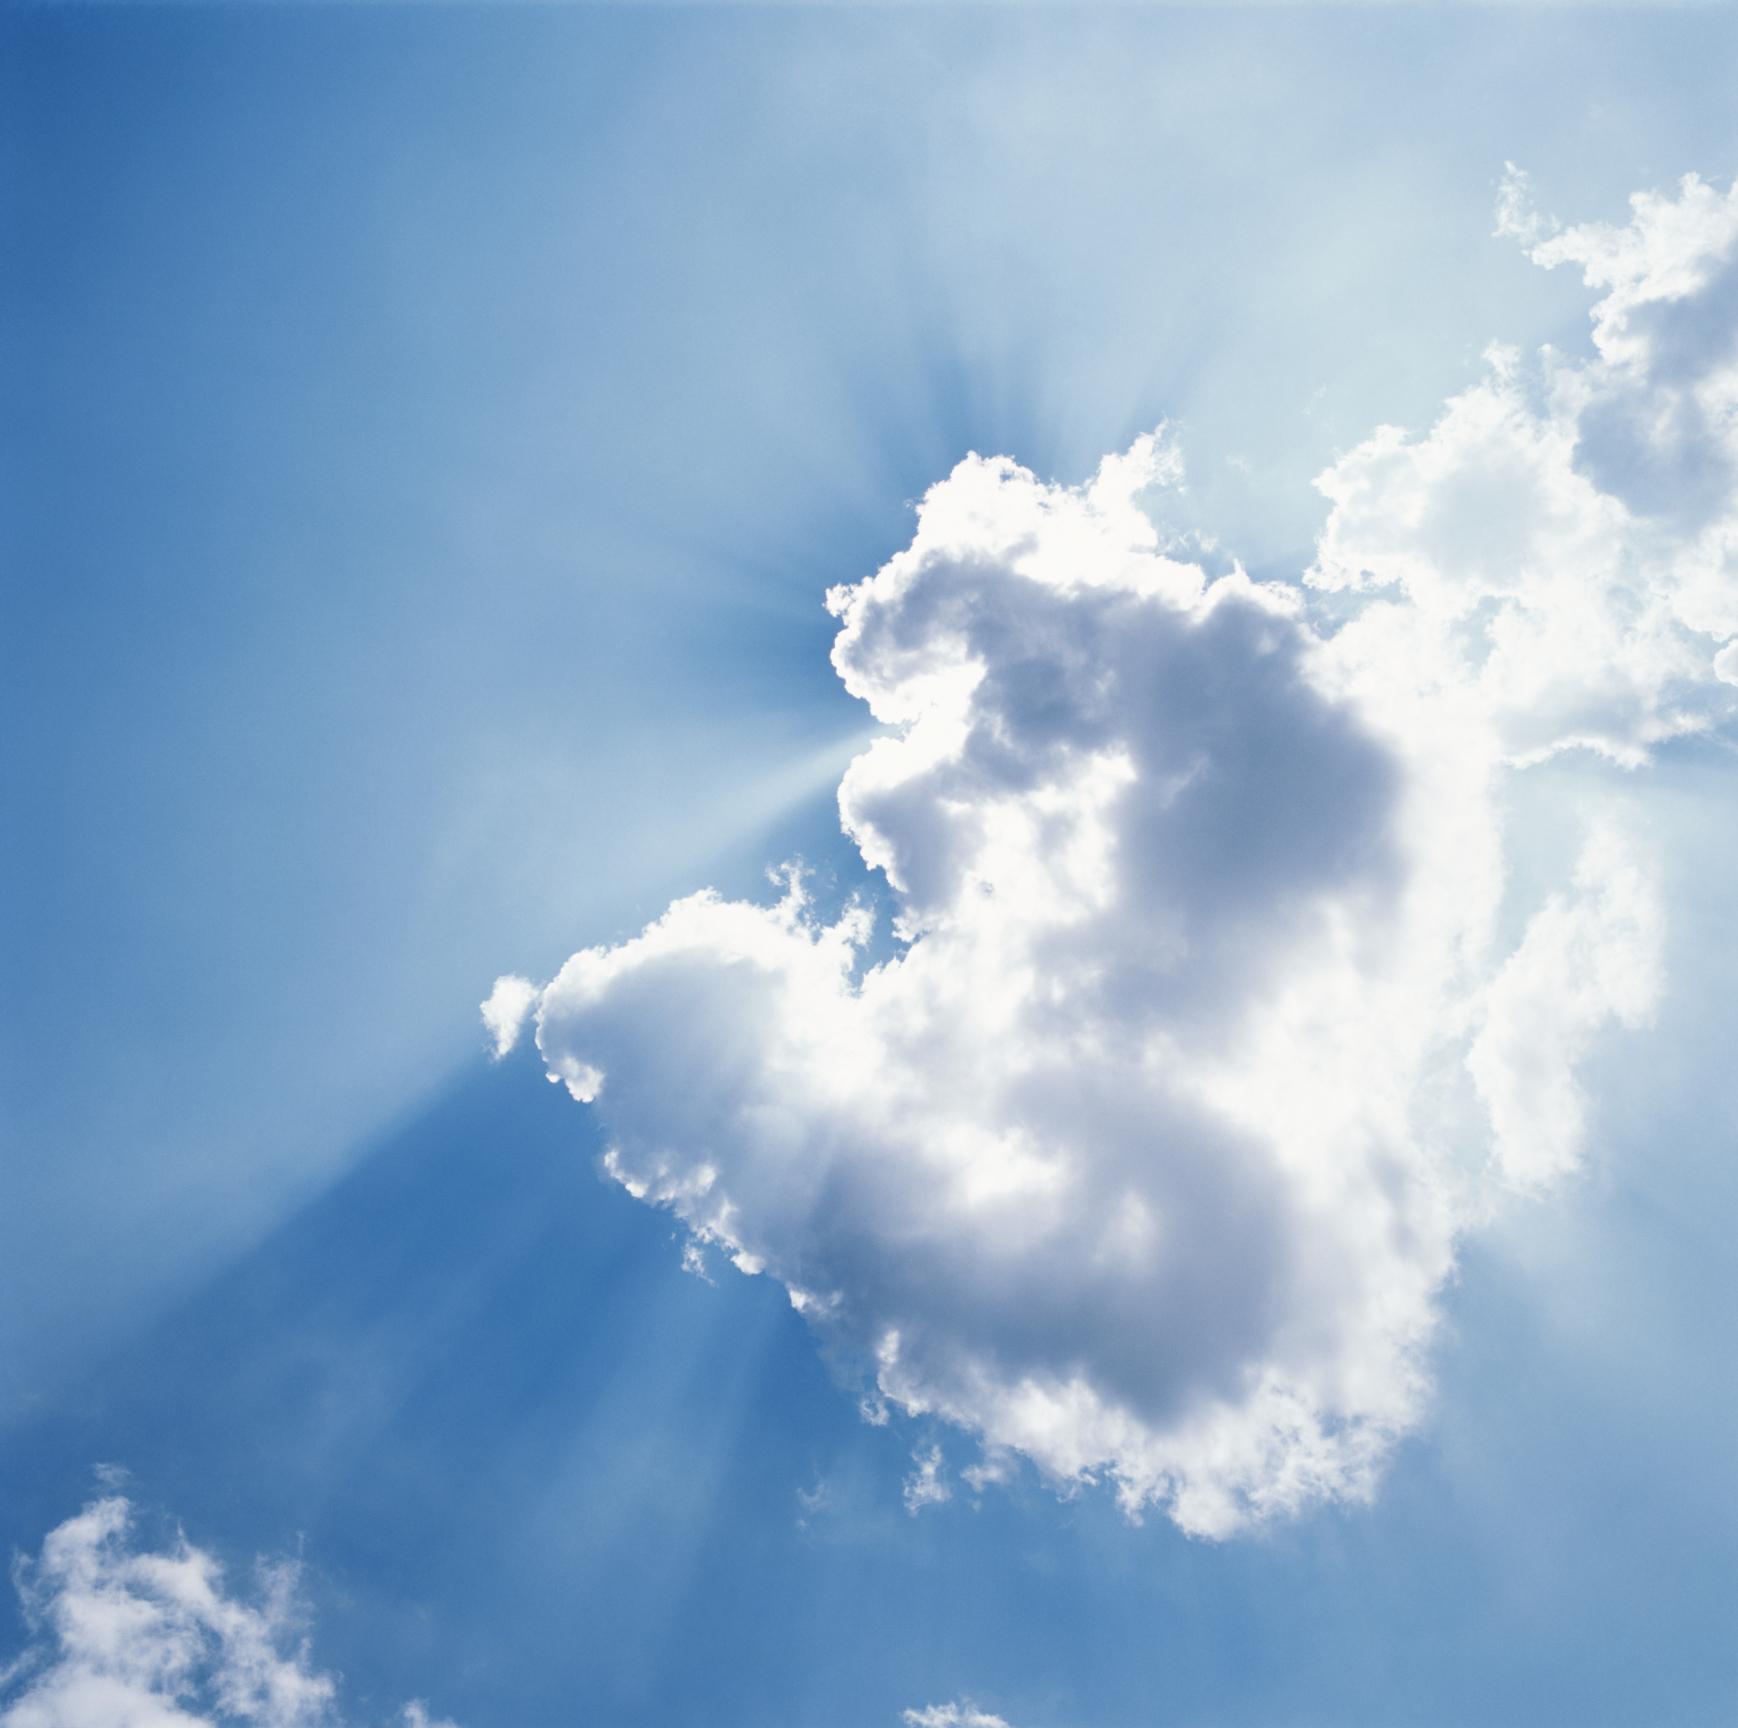 Jesus Looking Down From Heaven | www.pixshark.com - Images ...